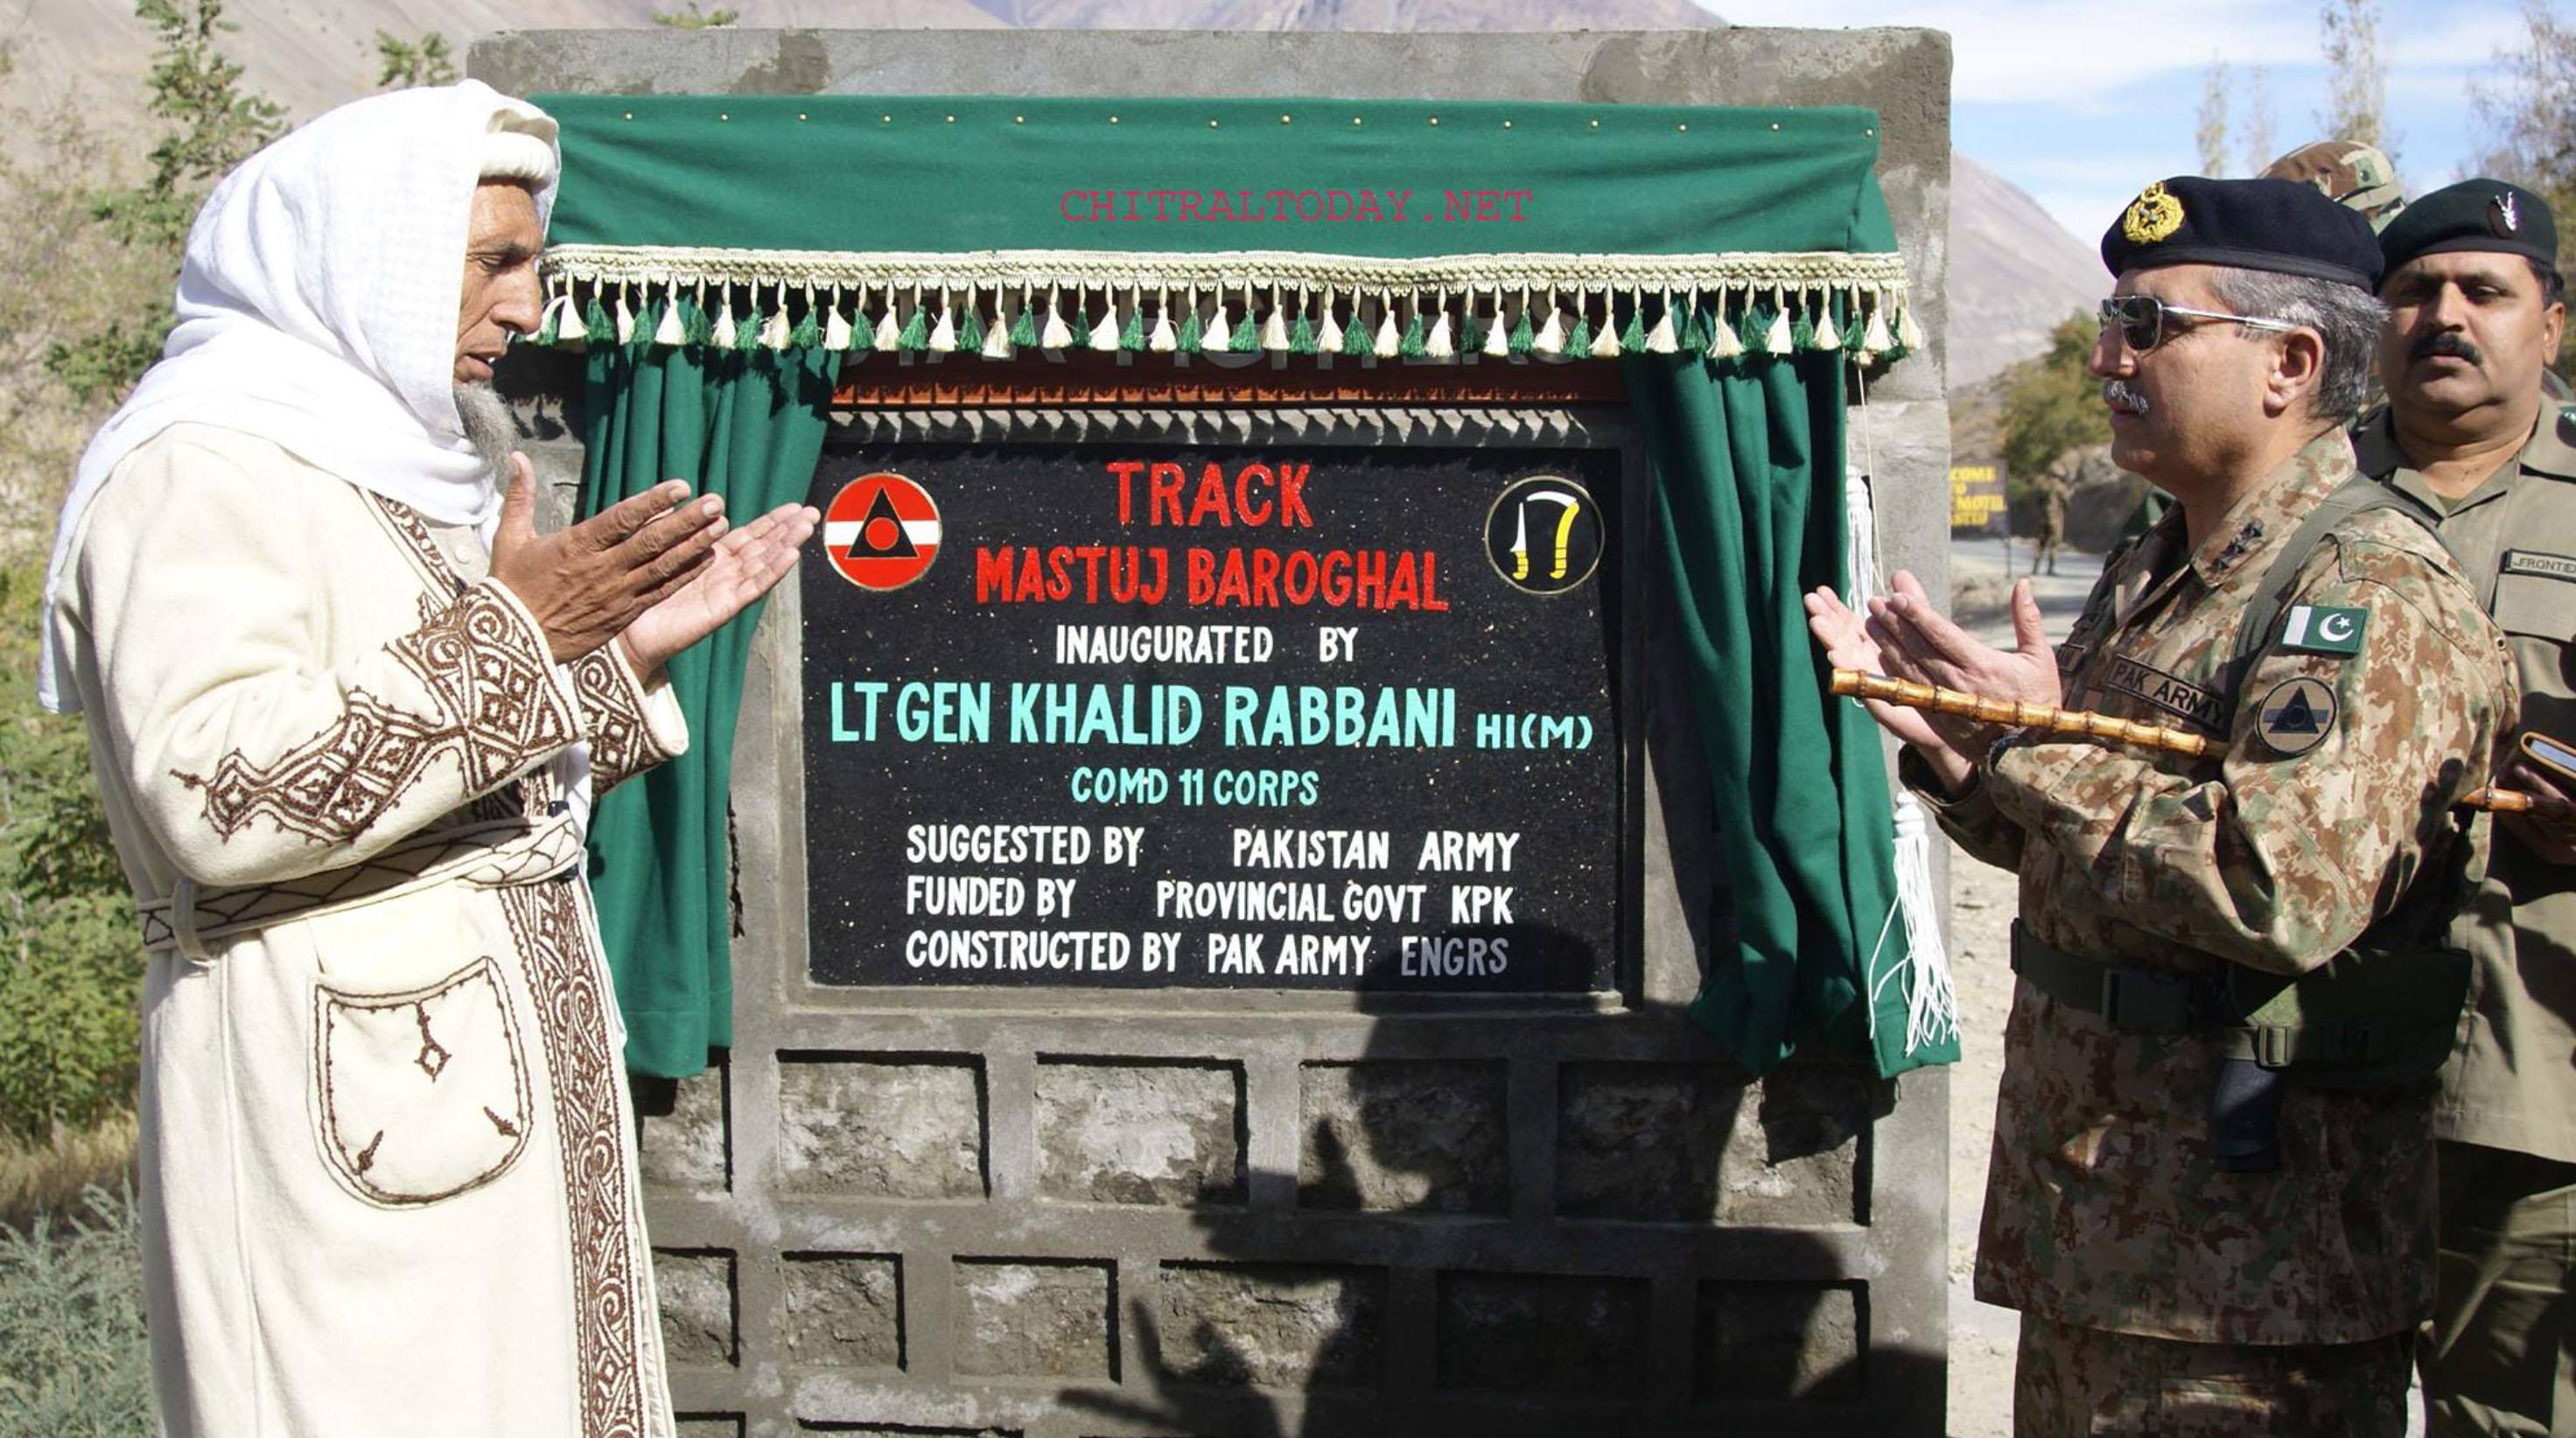 وادی بروغل (چترال) تک رابطہ سڑک کی تعمیر مکمل، لیفٹیننٹ جنرل خالد ربانی نے افتتاح کر دیا